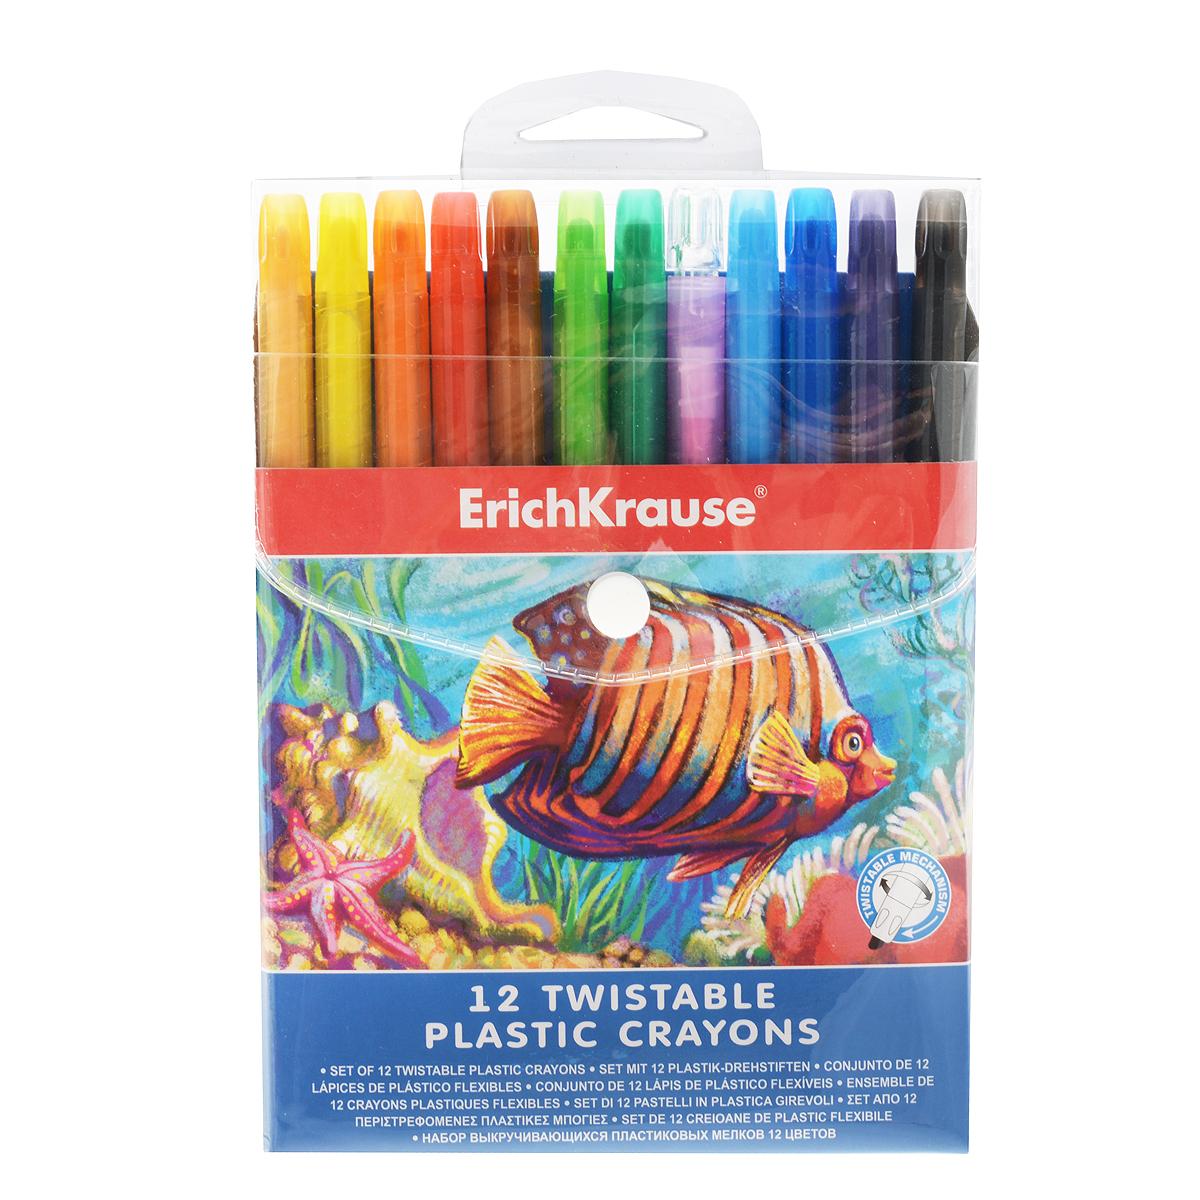 Выкручивающиеся мелки Erich Krause, 12 цветов34932Выкручивающиеся мелки Erich Krause помогут вашему маленькому художнику раскрыть свой талант. В набор входят 12 цветных мелков (персиковый, желтый, оранжевый, красный, розовый, коричневый, салатовый, зеленый, голубой, синий, фиолетовый, черный). Корпус мелков выполнен из высококачественного прочного пластика. Мелки удобны в использовании: необходимо просто повернуть корпус - и можно приступать к рисованию. Их не нужно точить, а еще они устойчивы к ломке. Эти мелки способствуют развитию у ребенка мелкой моторики рук, координации движений, цветовосприятия и творческого мышления.